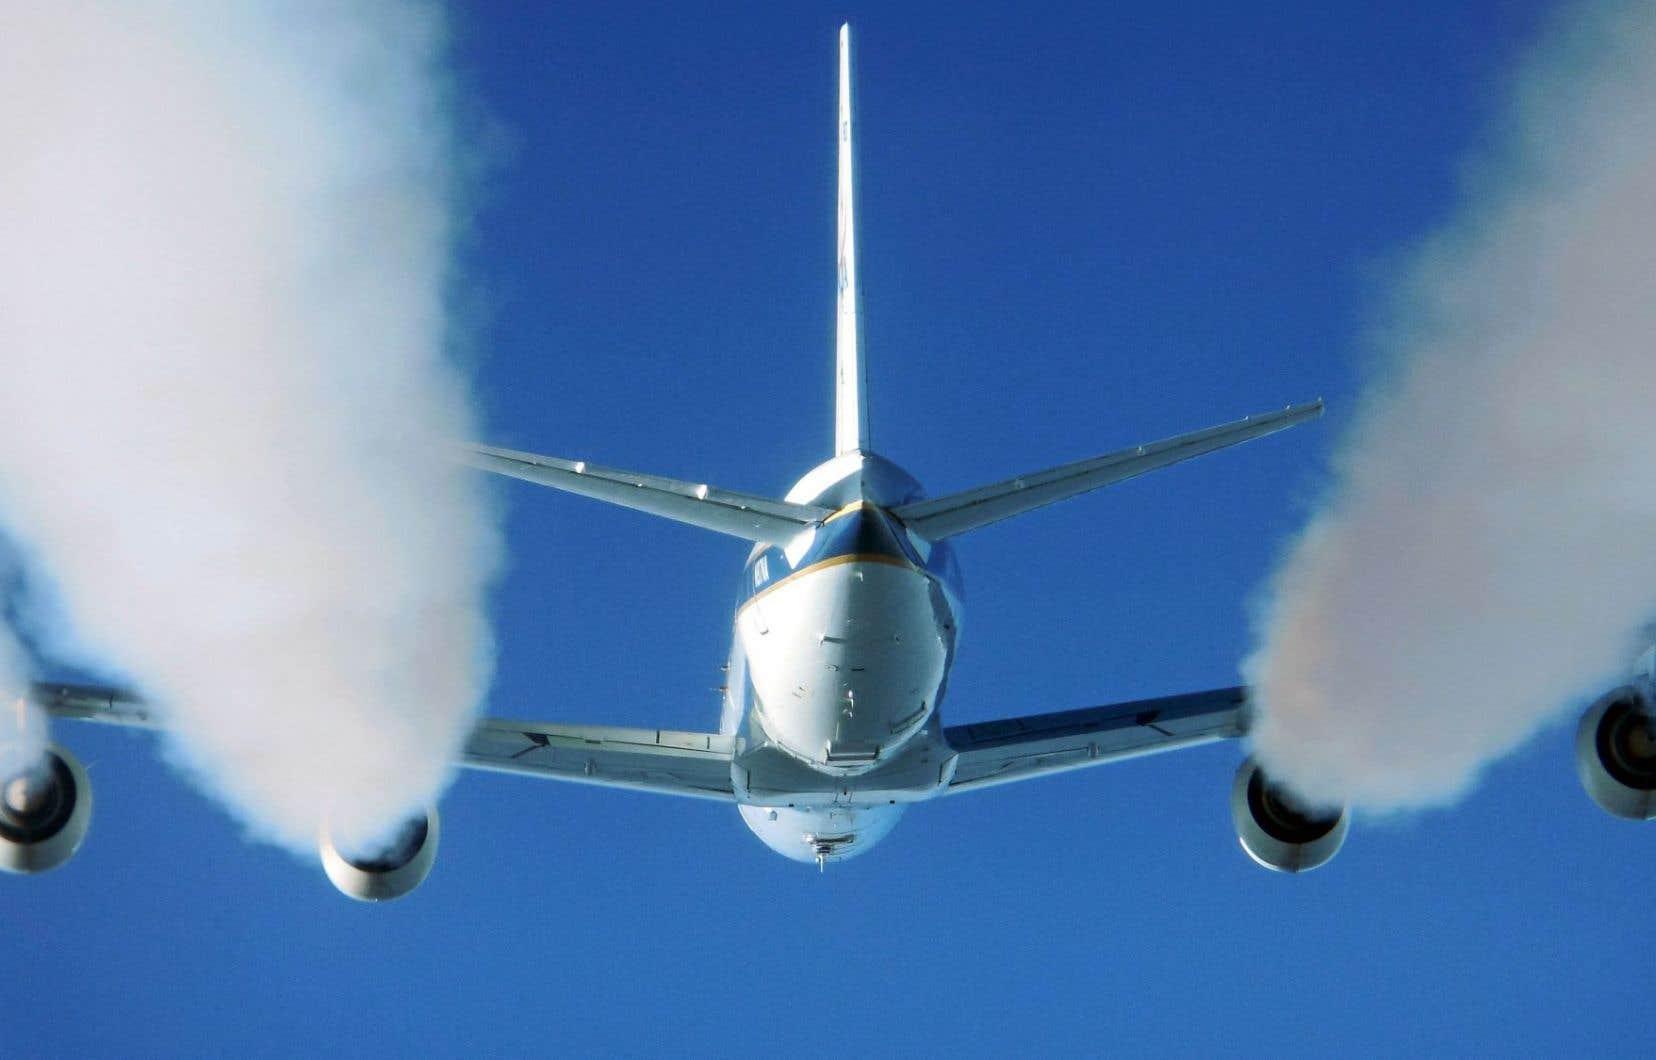 Pour leur étude, les chercheurs ont procédé à des prélèvements des gaz d'échappement d'un DC-8 de la NASA.